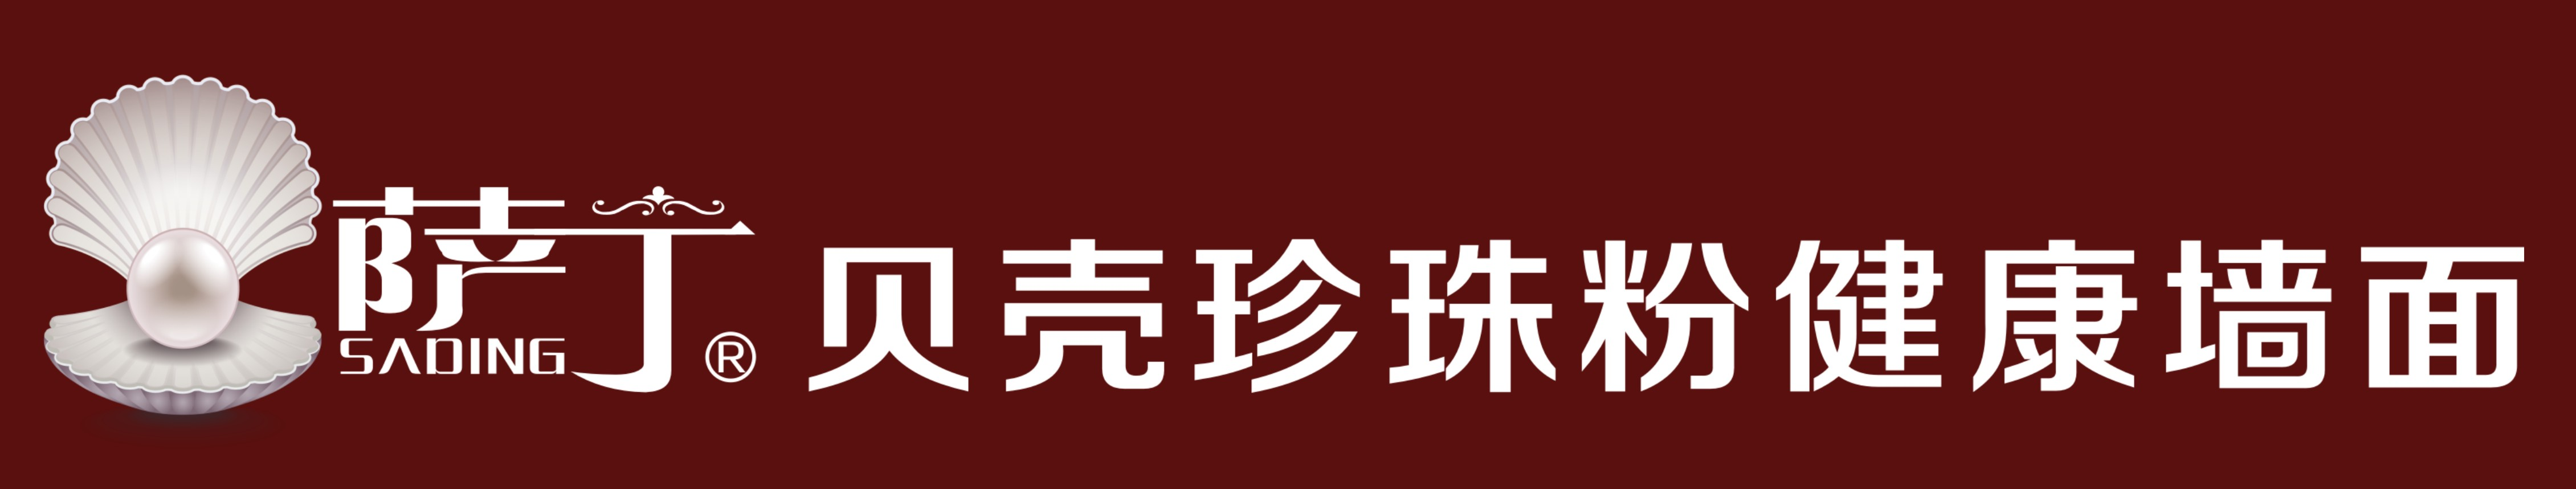 青岛萨丁新材料科技有限公司